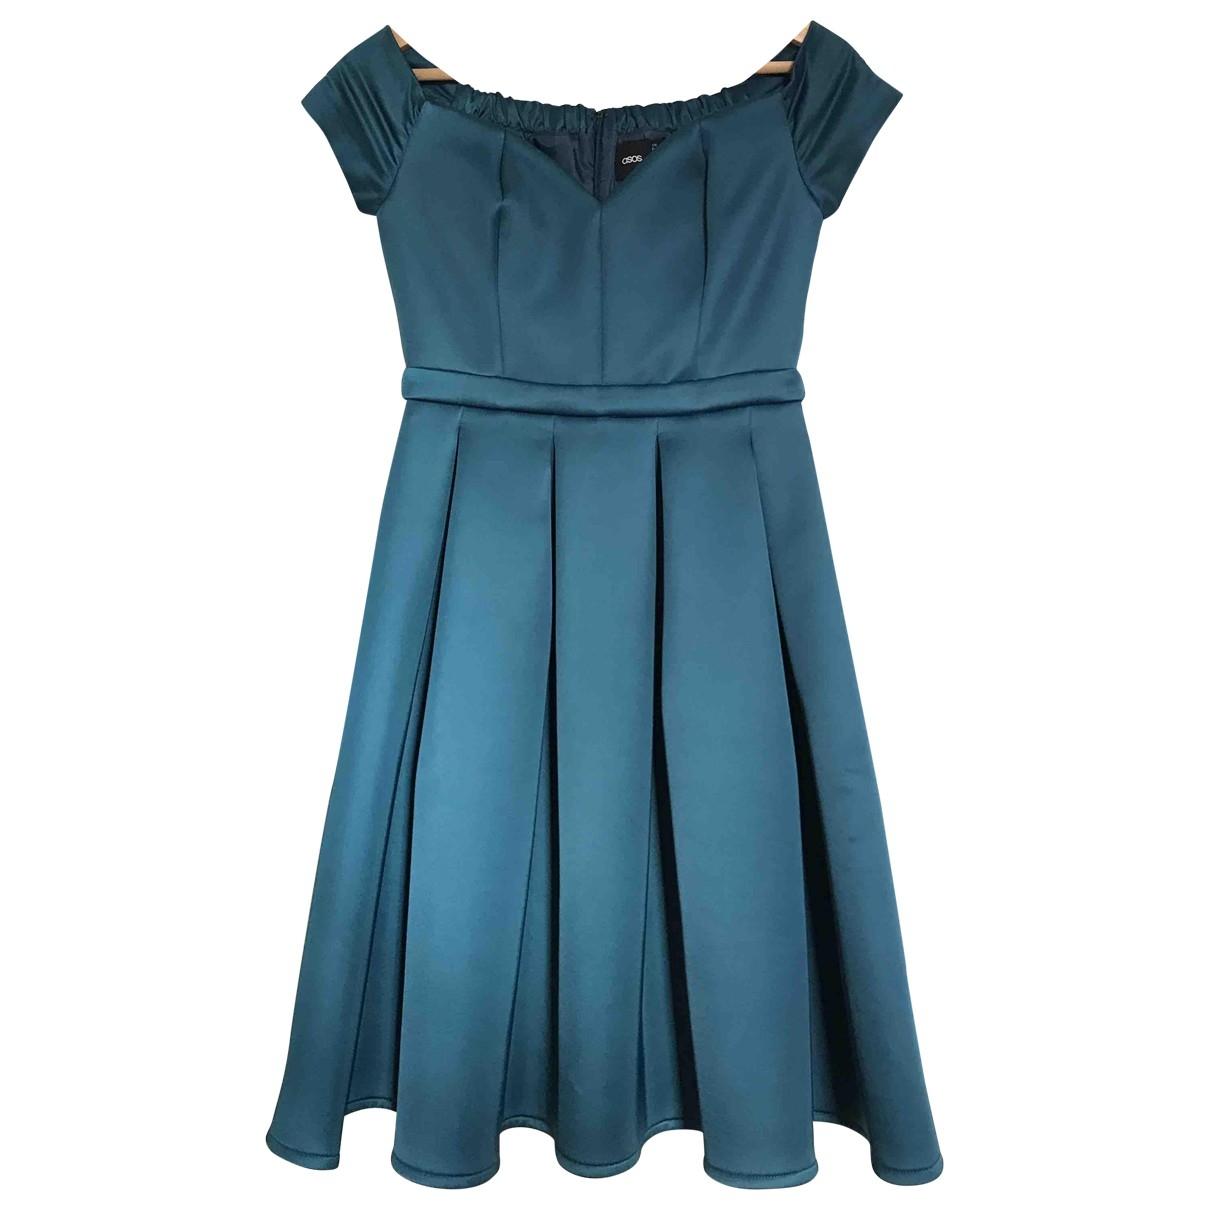 Asos - Robe   pour femme - vert